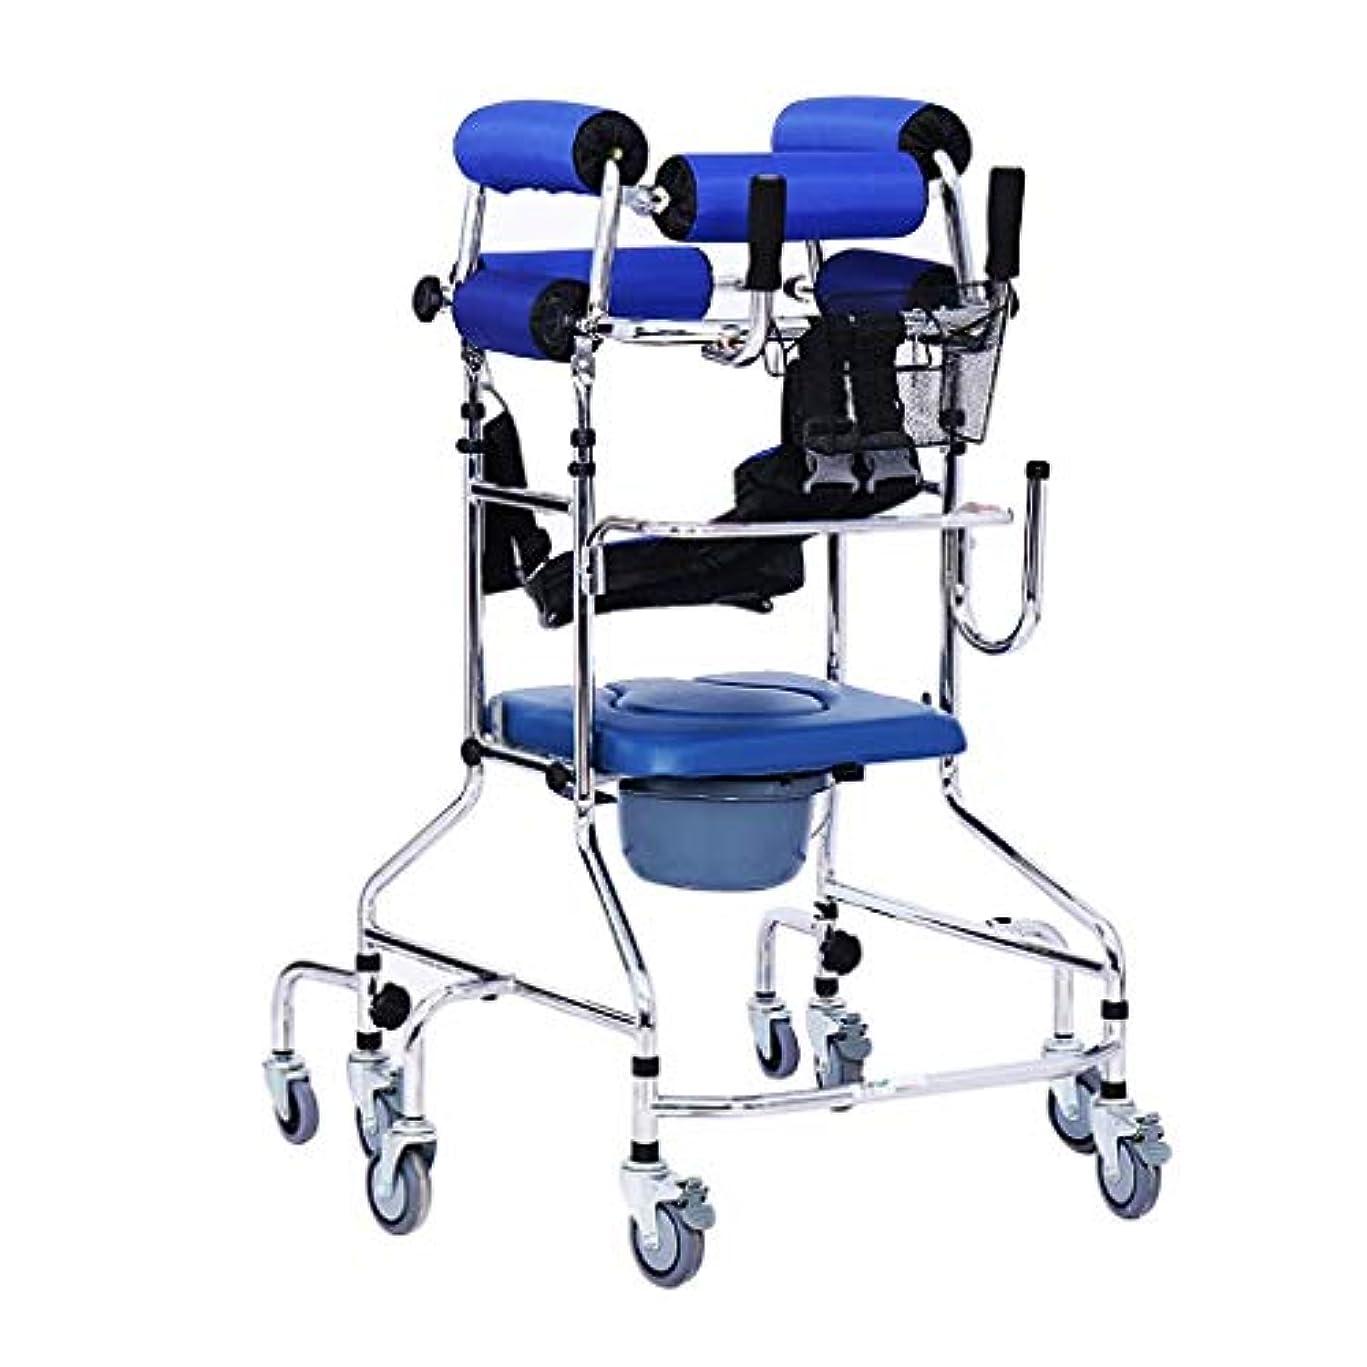 立つ歩行スタンド/ウォーカー/ウォークエイド/スタンドフレーム付きシートホイールリハビリ機器折りたたみ高さ調節可能な老人ウォーカー下肢ウォーカーブルー8ホイールベッドサイドトイレ付き